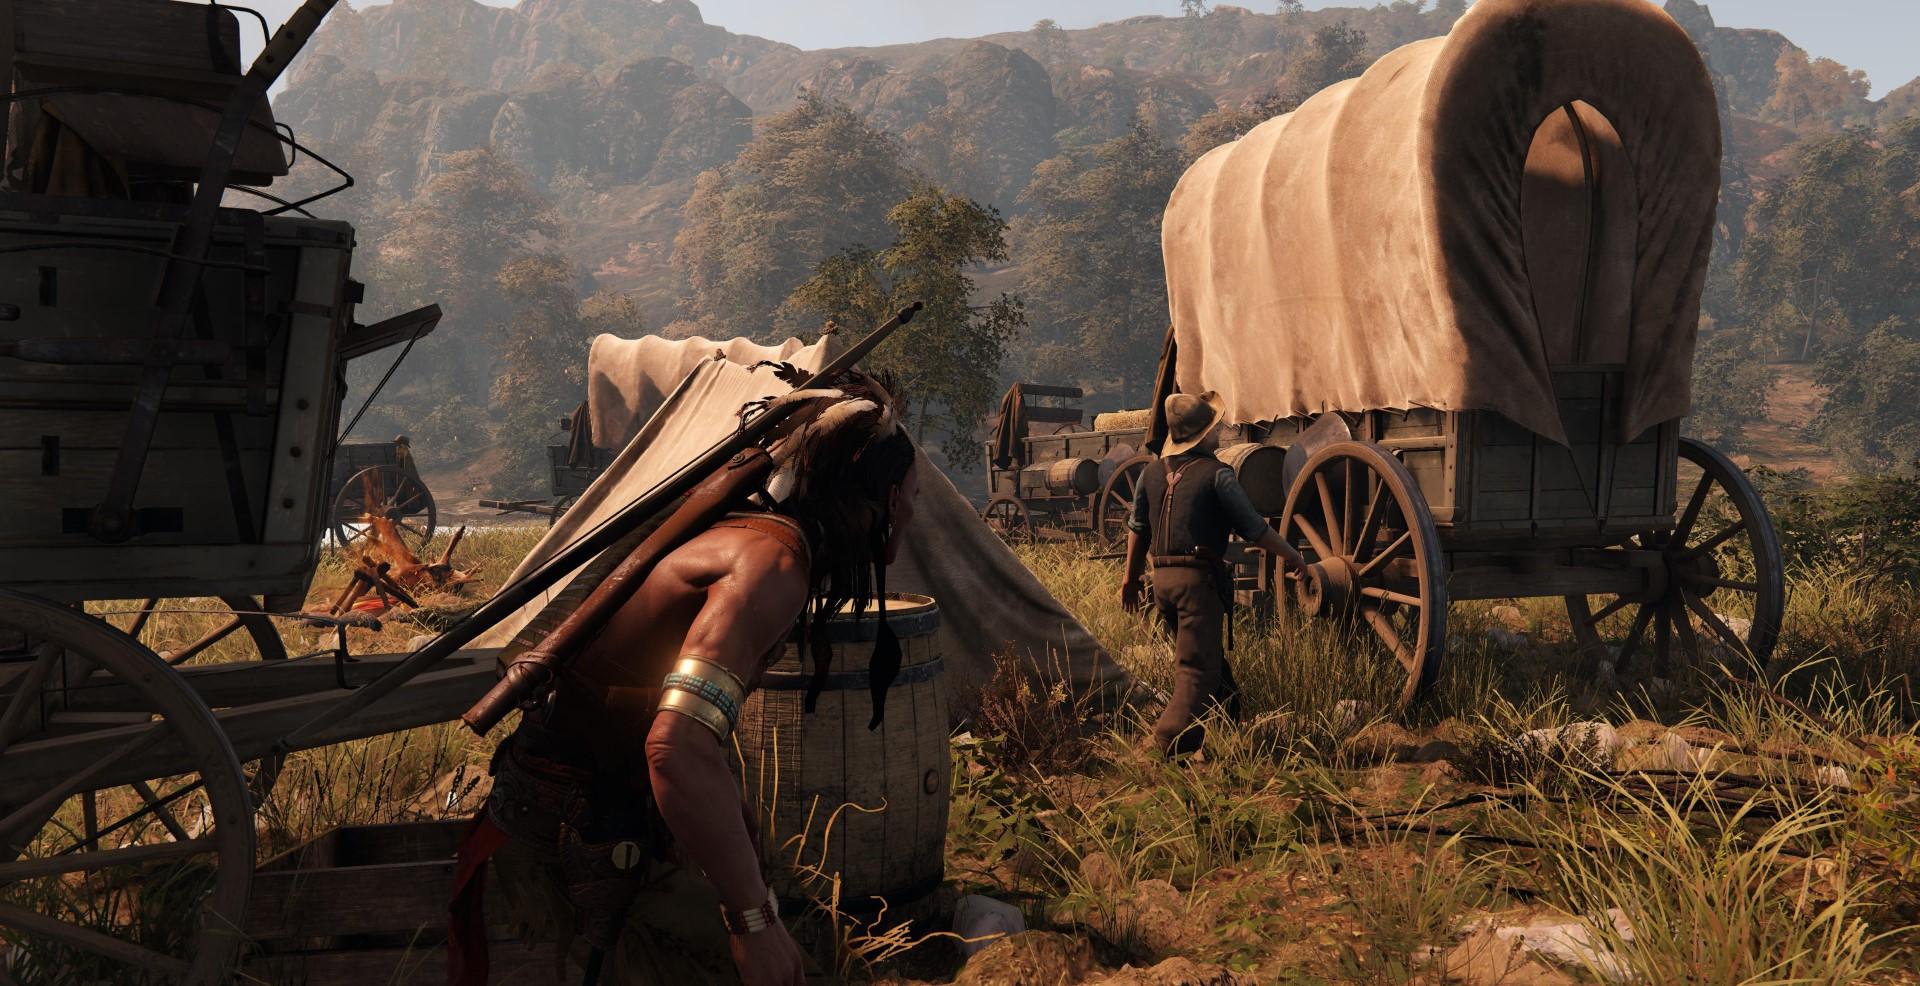 This Is My Land indien s'apprêtant à attaquer une caravane de colons